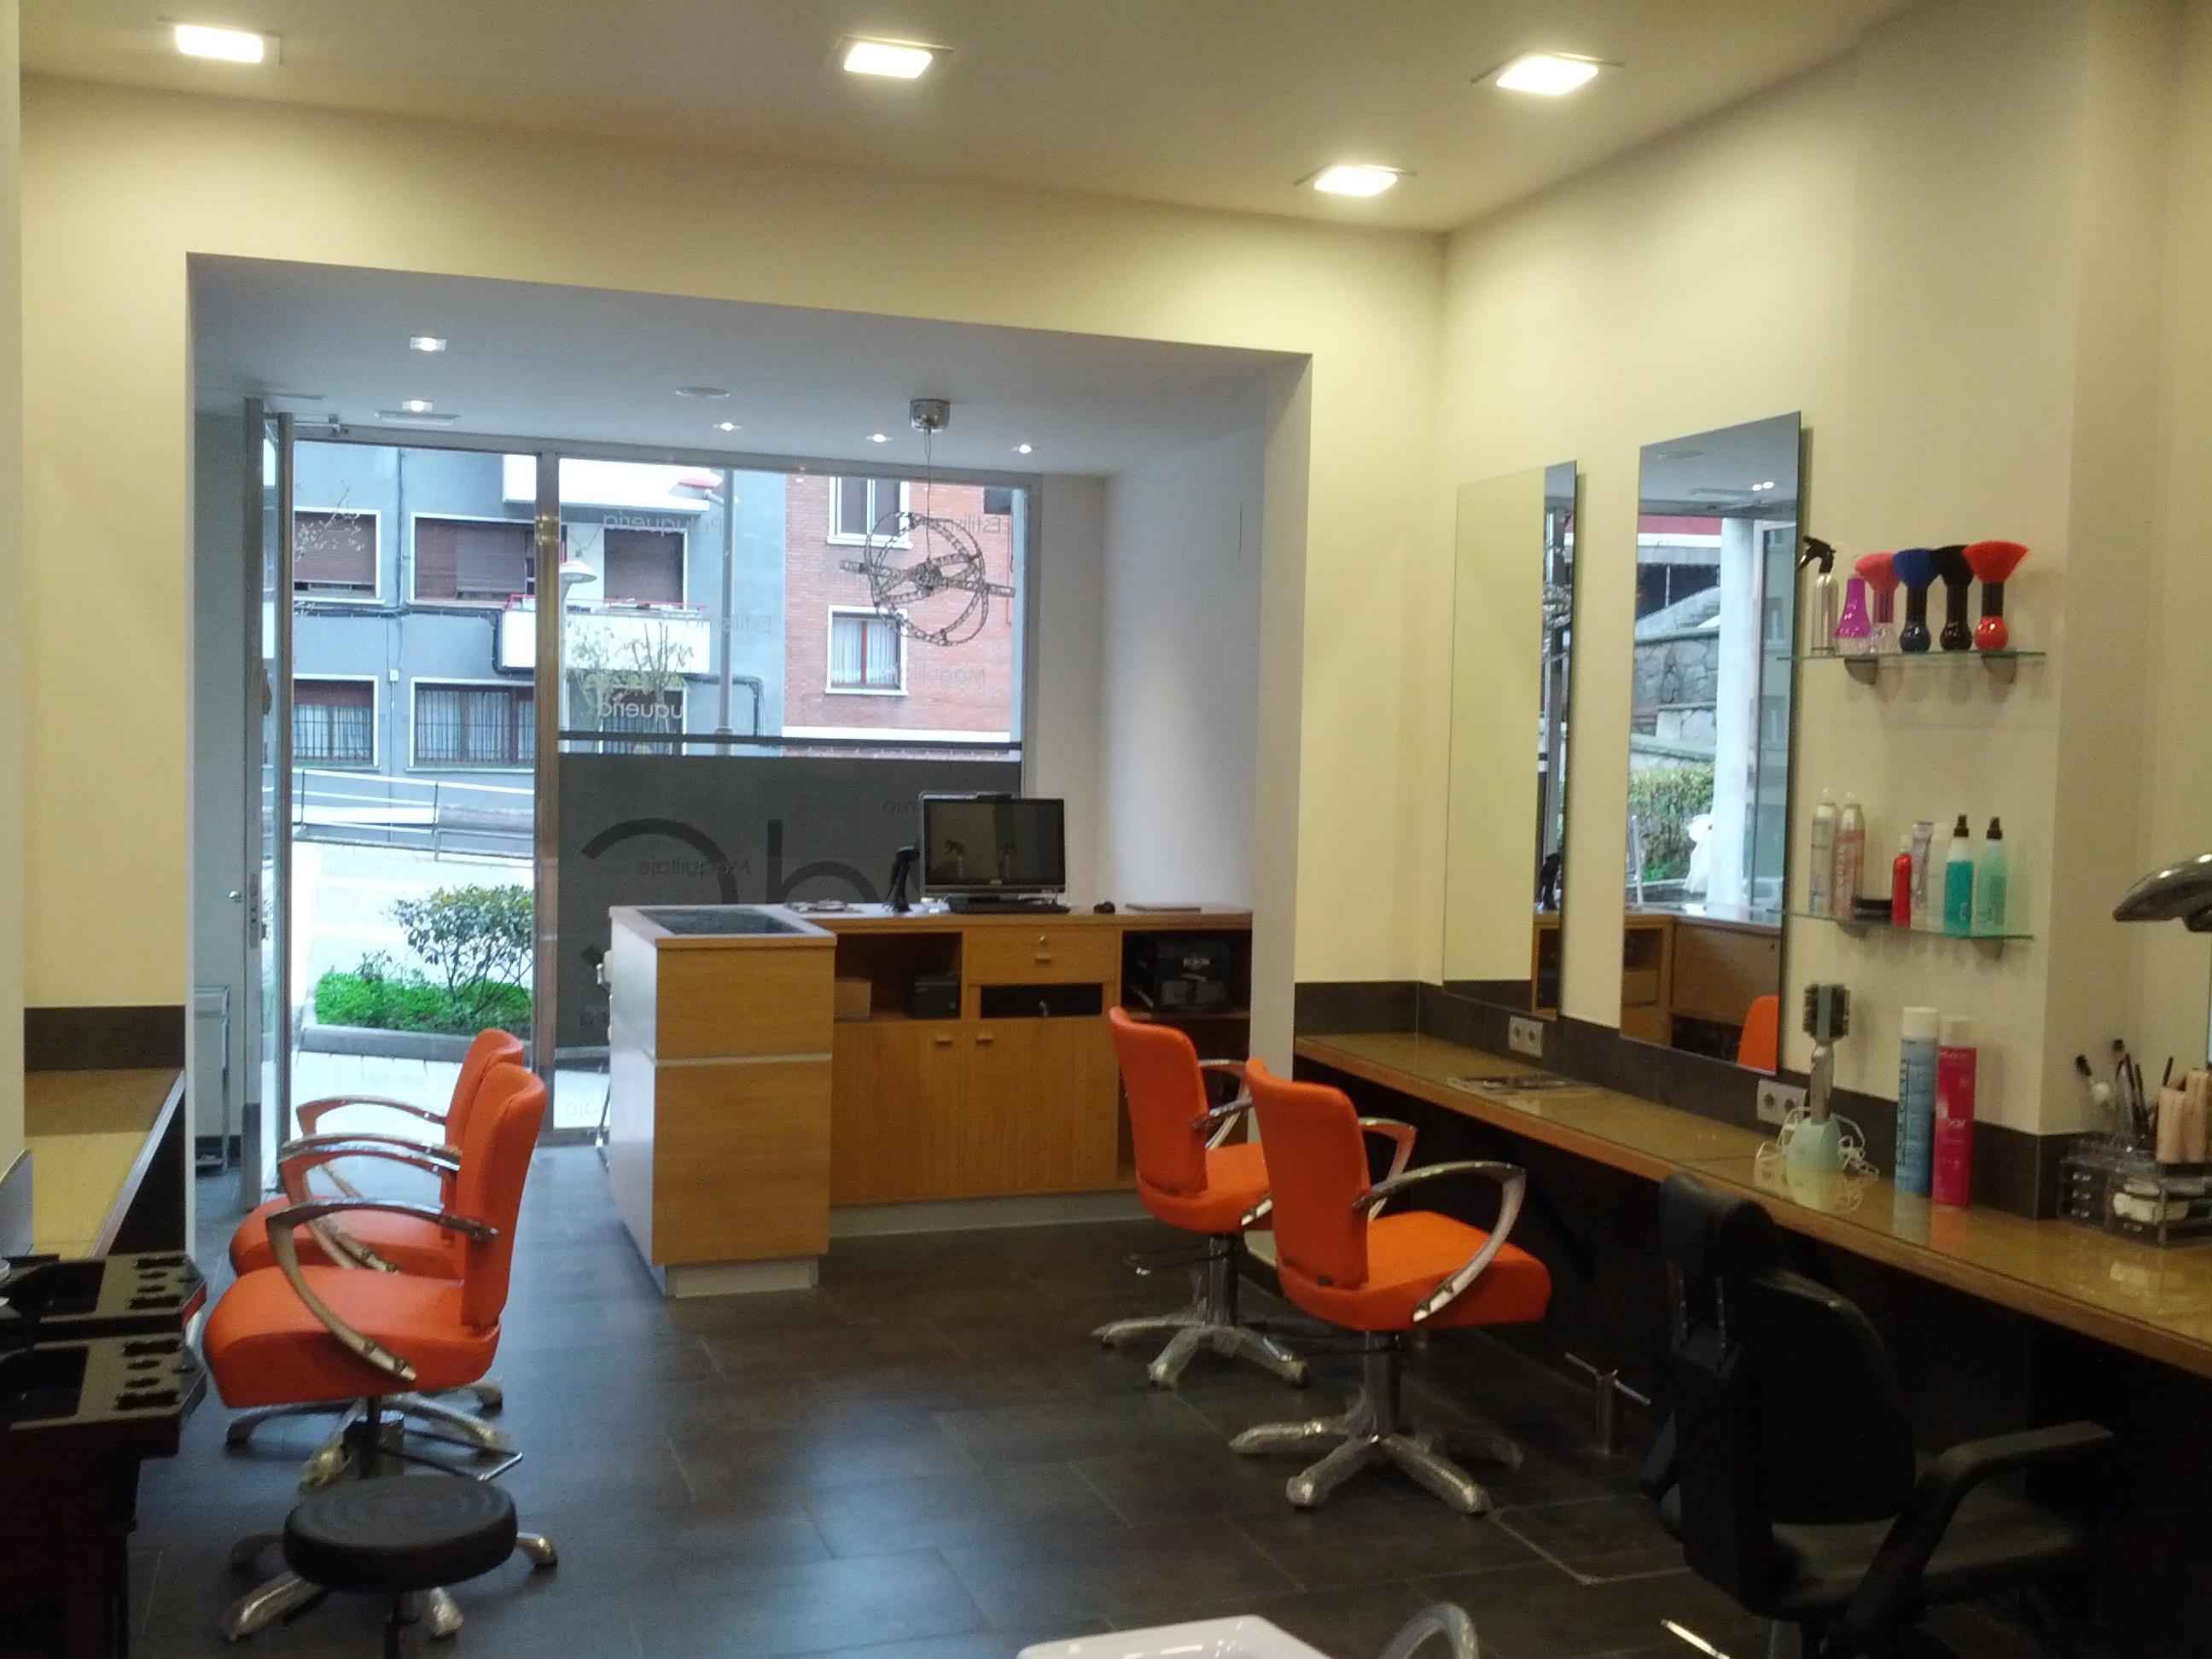 Locales comerciales haus interiores bilbao - Interiores de peluquerias ...